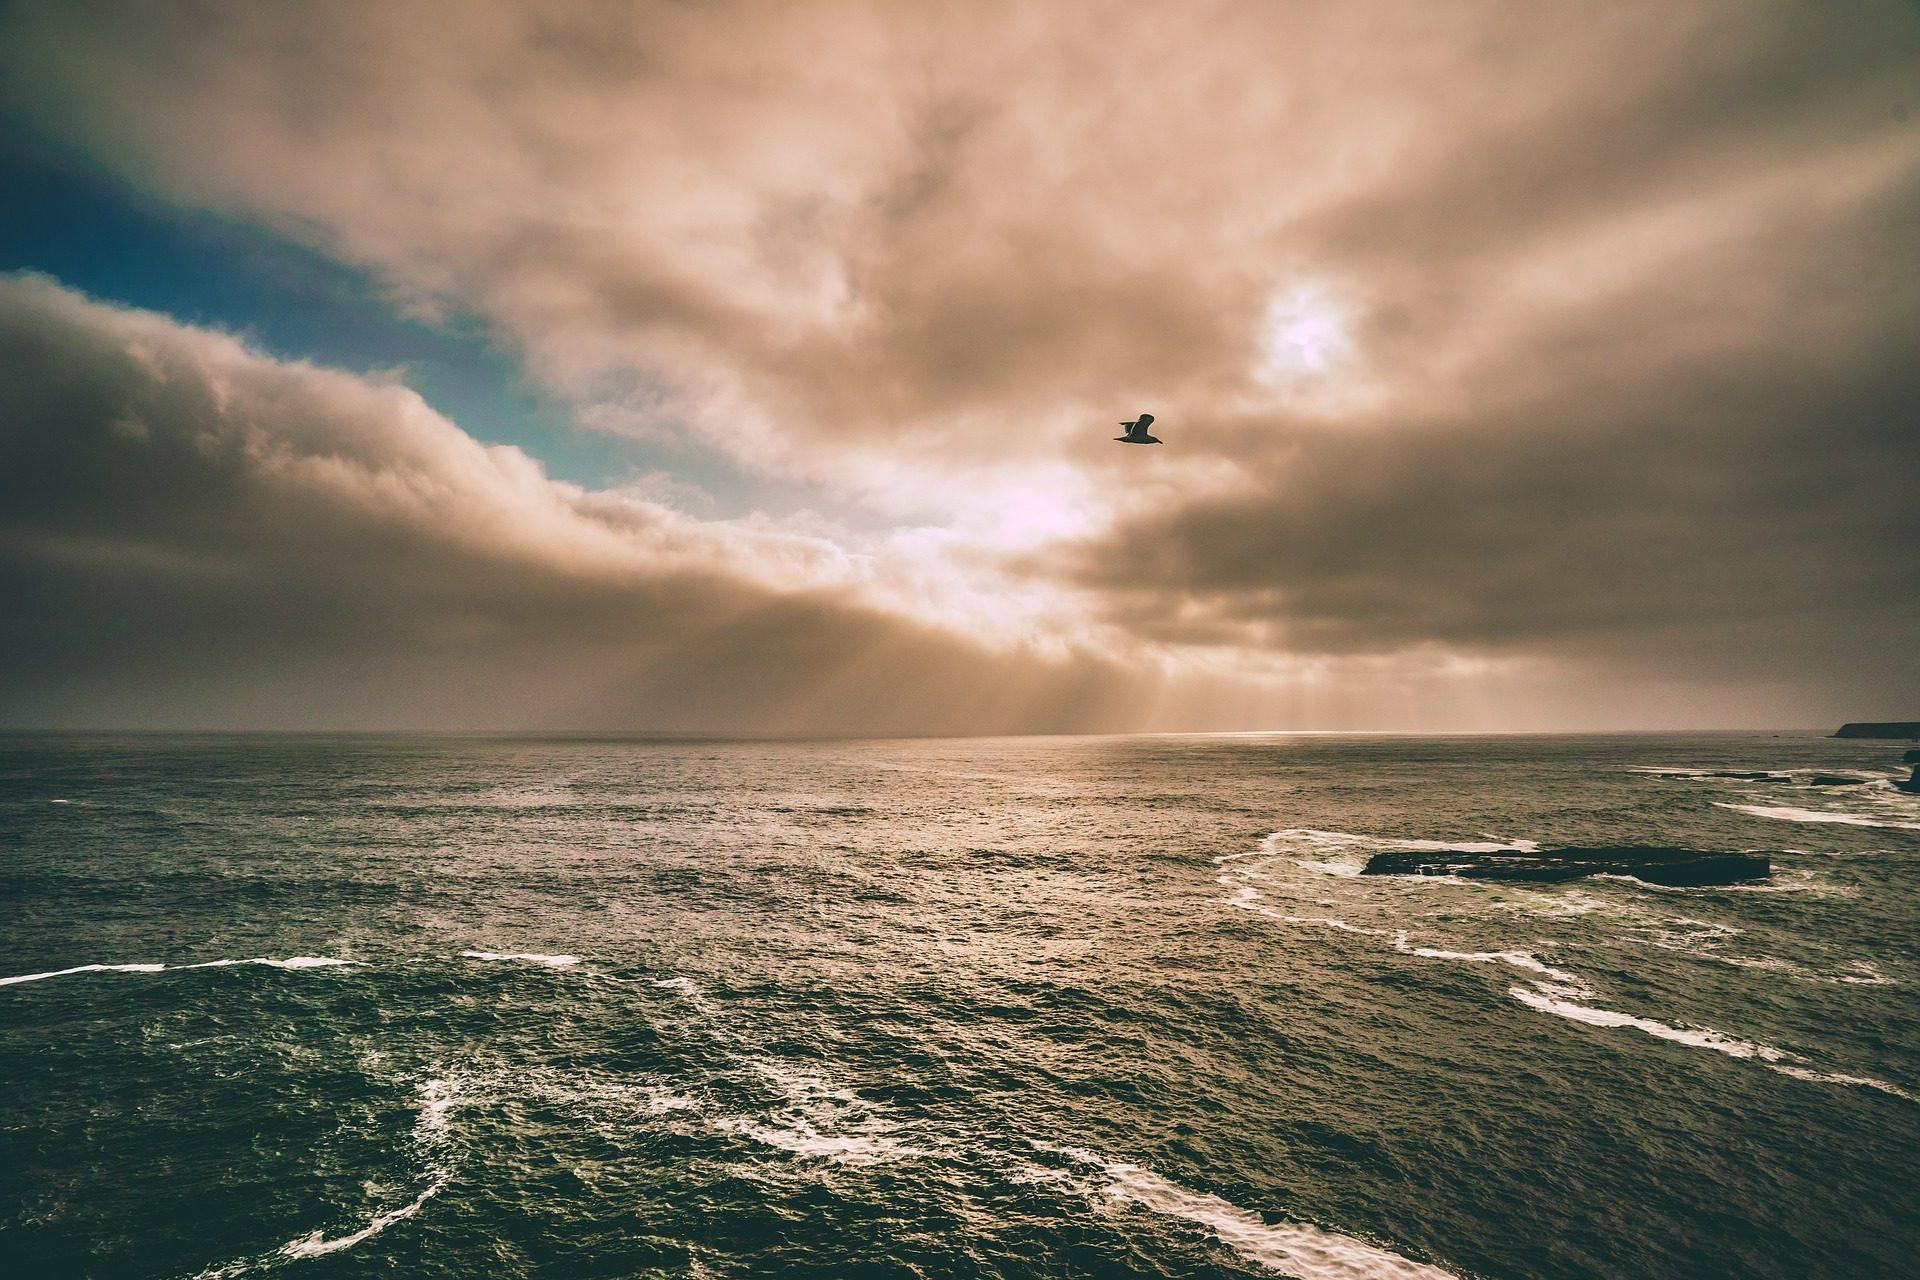 Море, Океан, облака, Небо, Чайка, необъятность - Обои HD - Профессор falken.com